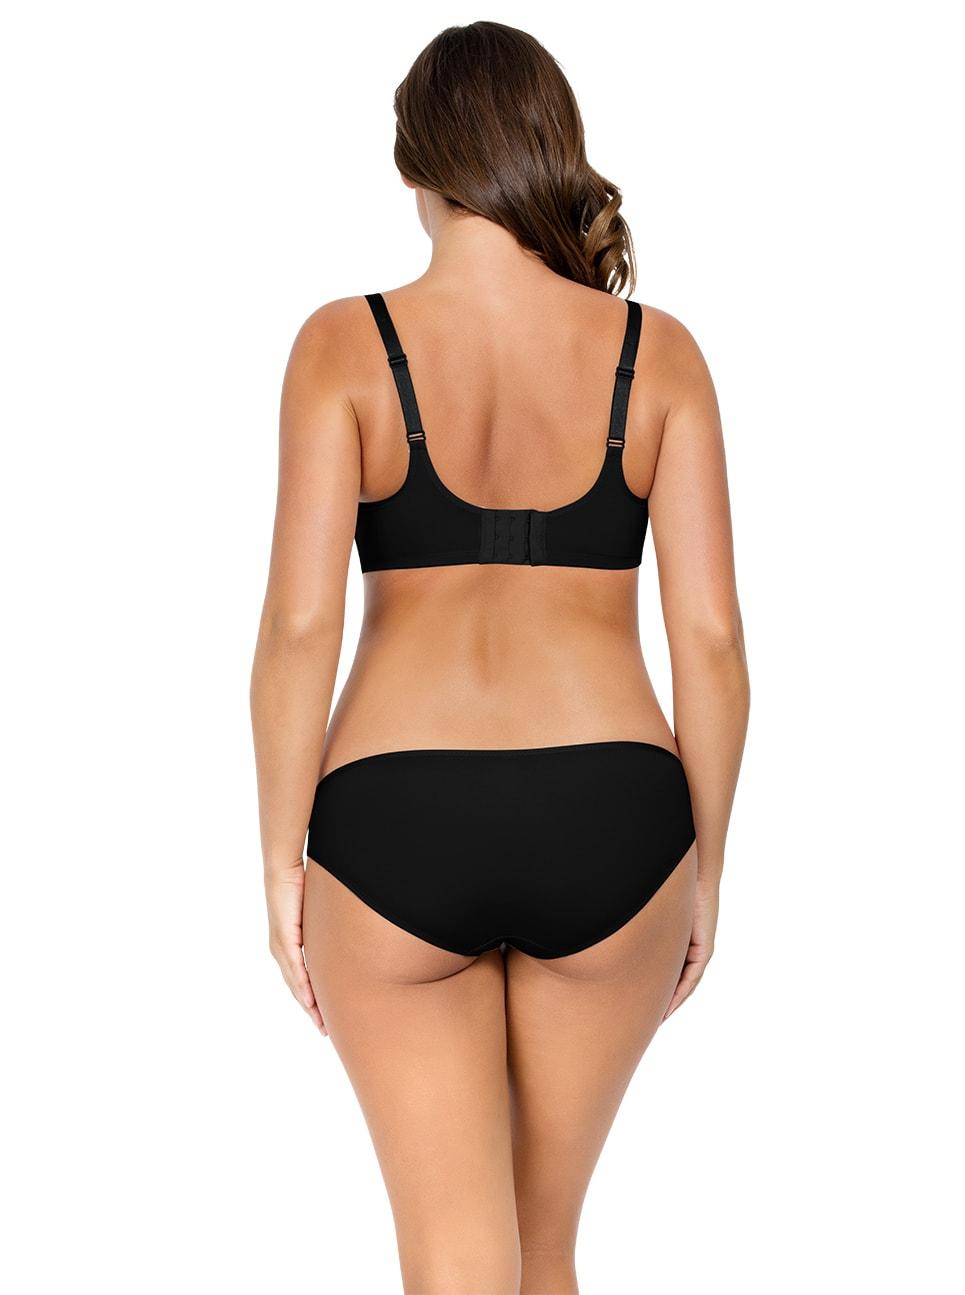 PARFAIT Enora MinimizerBraP5272 BikiniP5273 Black Back copy - Enora Bikini - Black - P5273